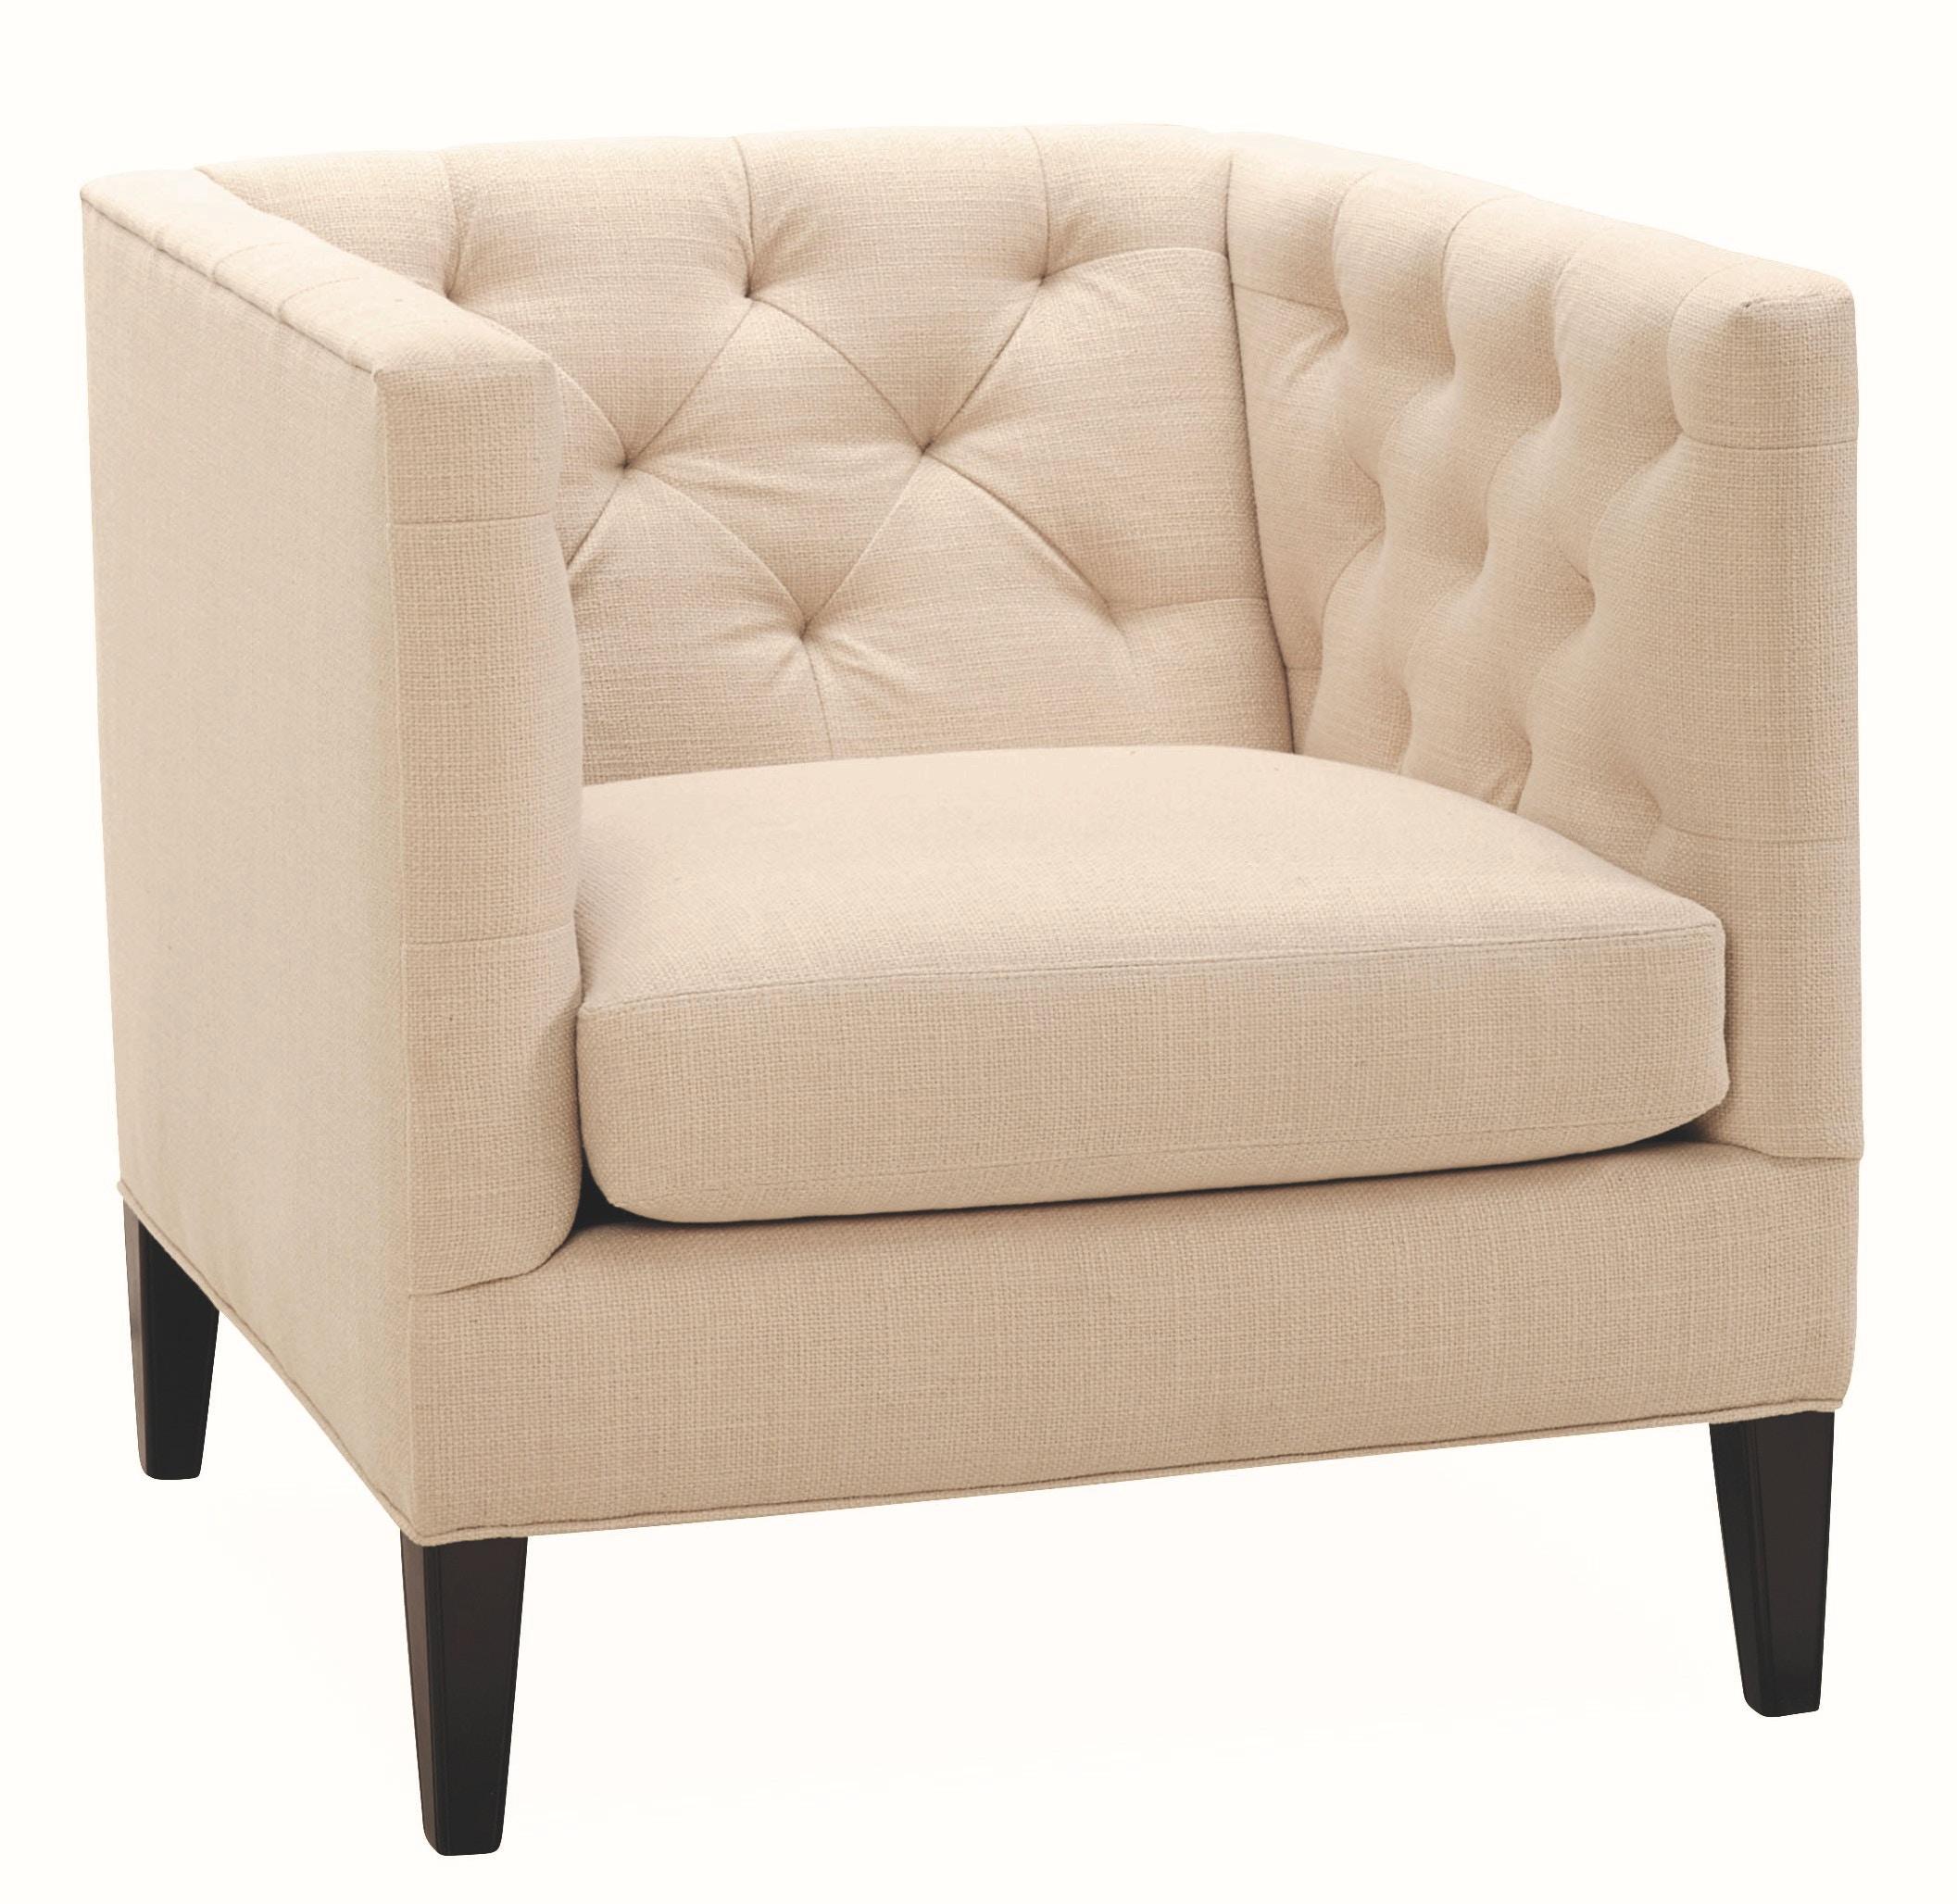 Lee Industries Chair 7733 01 ...